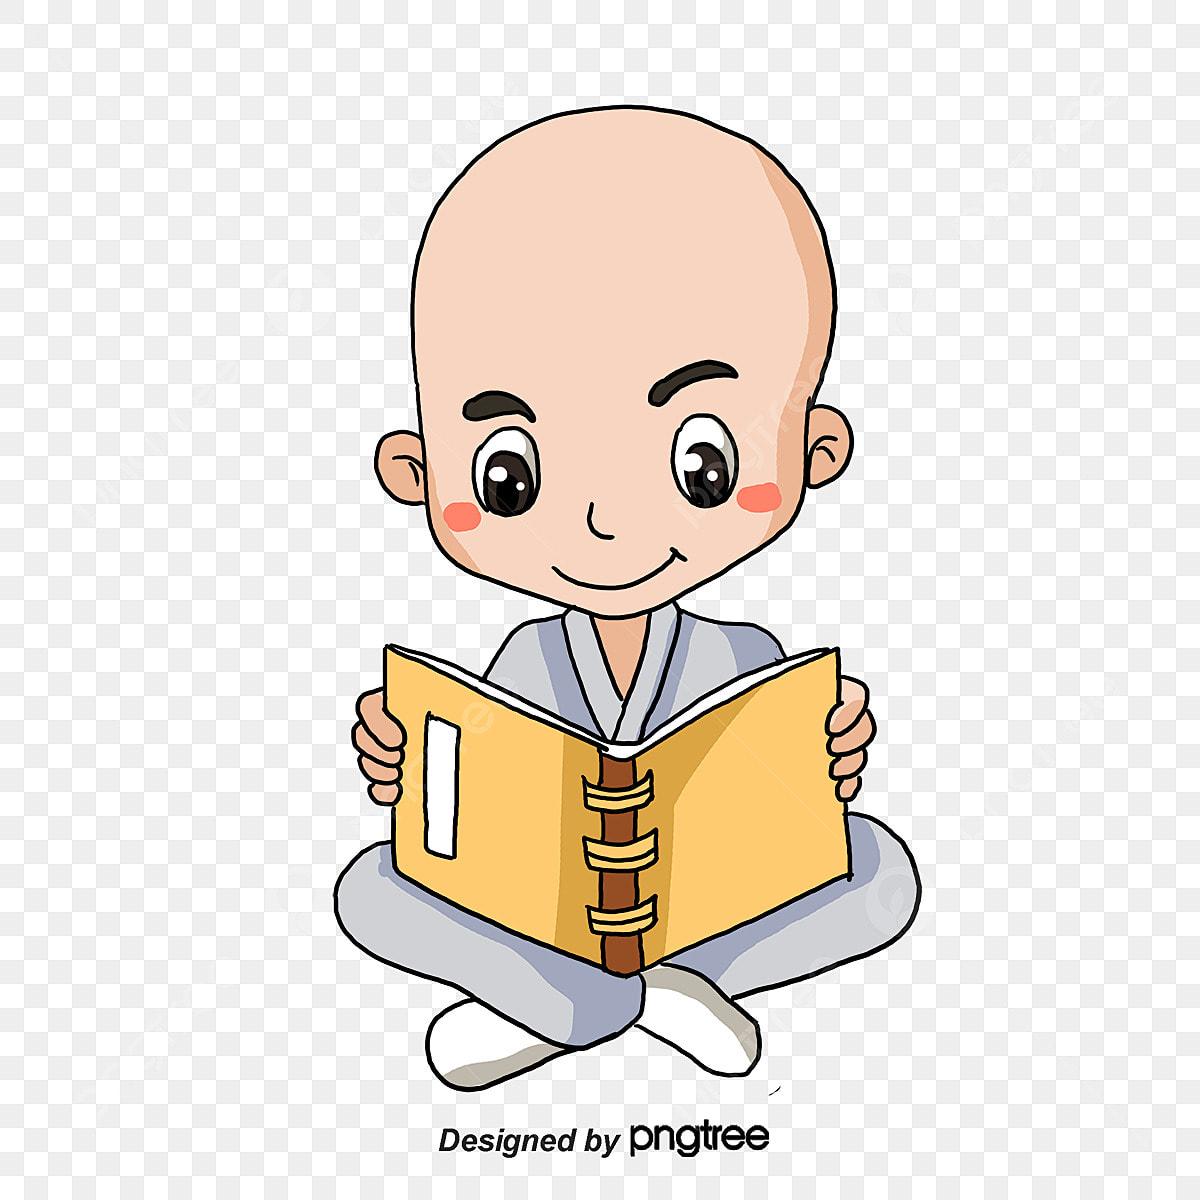 O Jovem Monge Desenhos Pintados A Mao O Monge Menino Pintado A